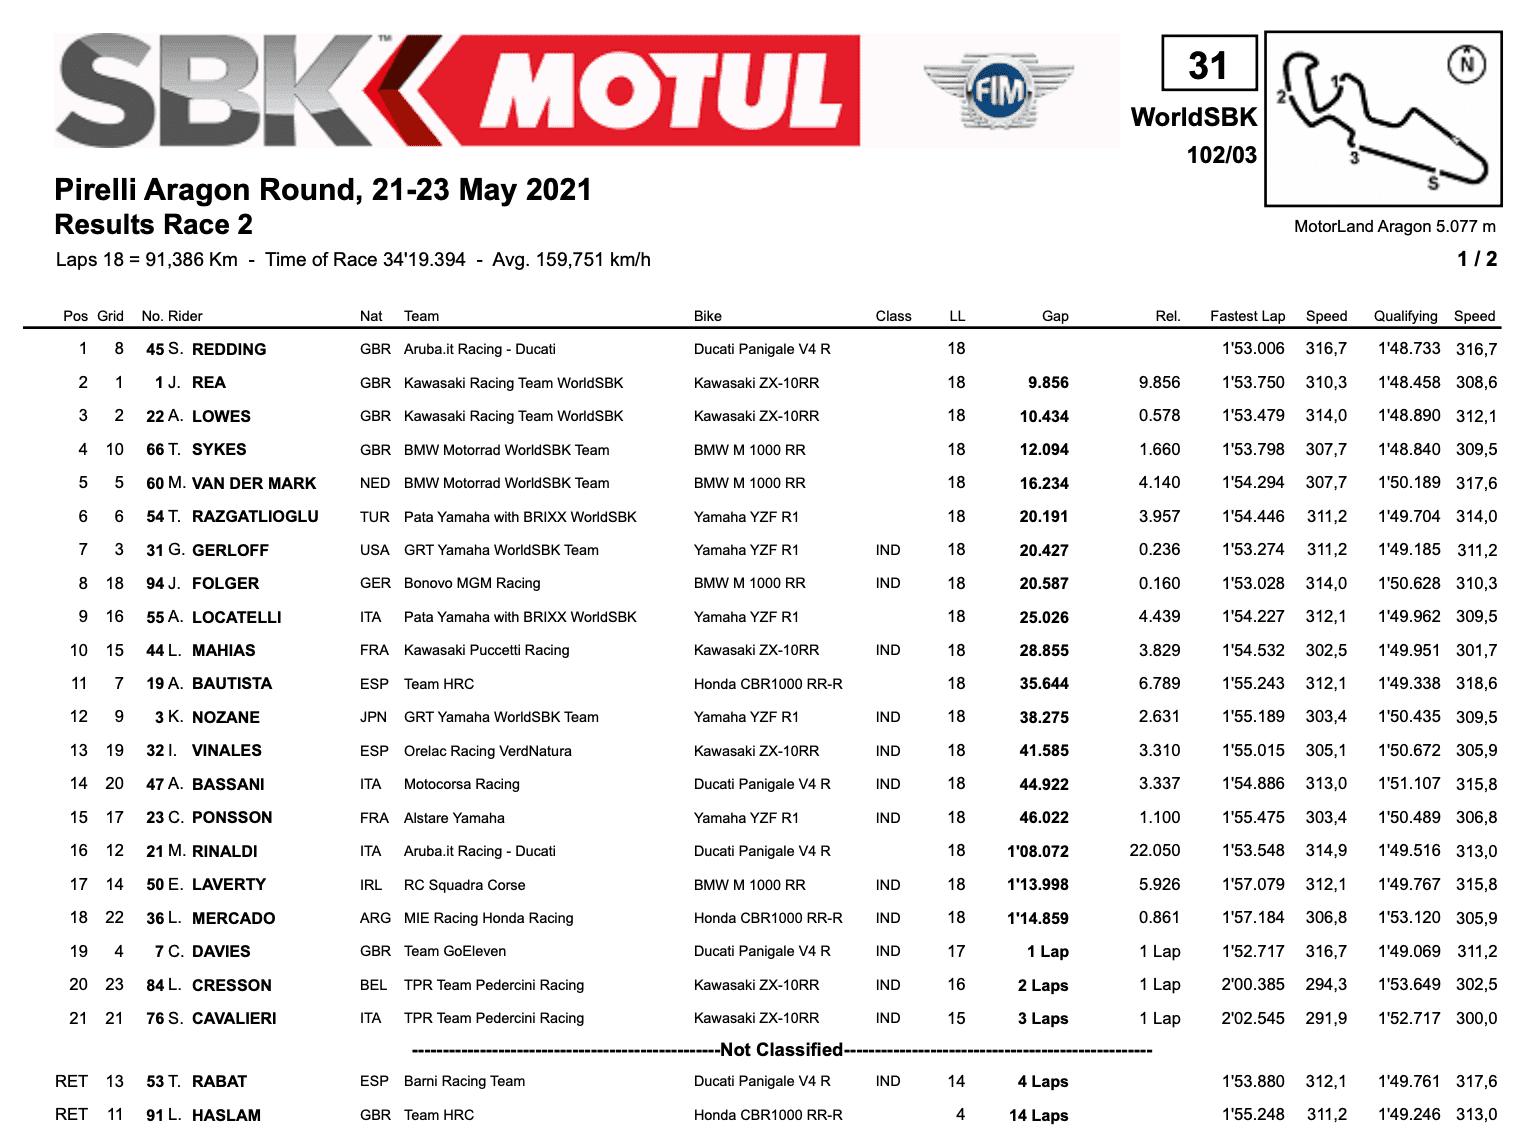 FIM スーパーバイク世界選手権(SBK)2021 アラゴン戦 レース2結果